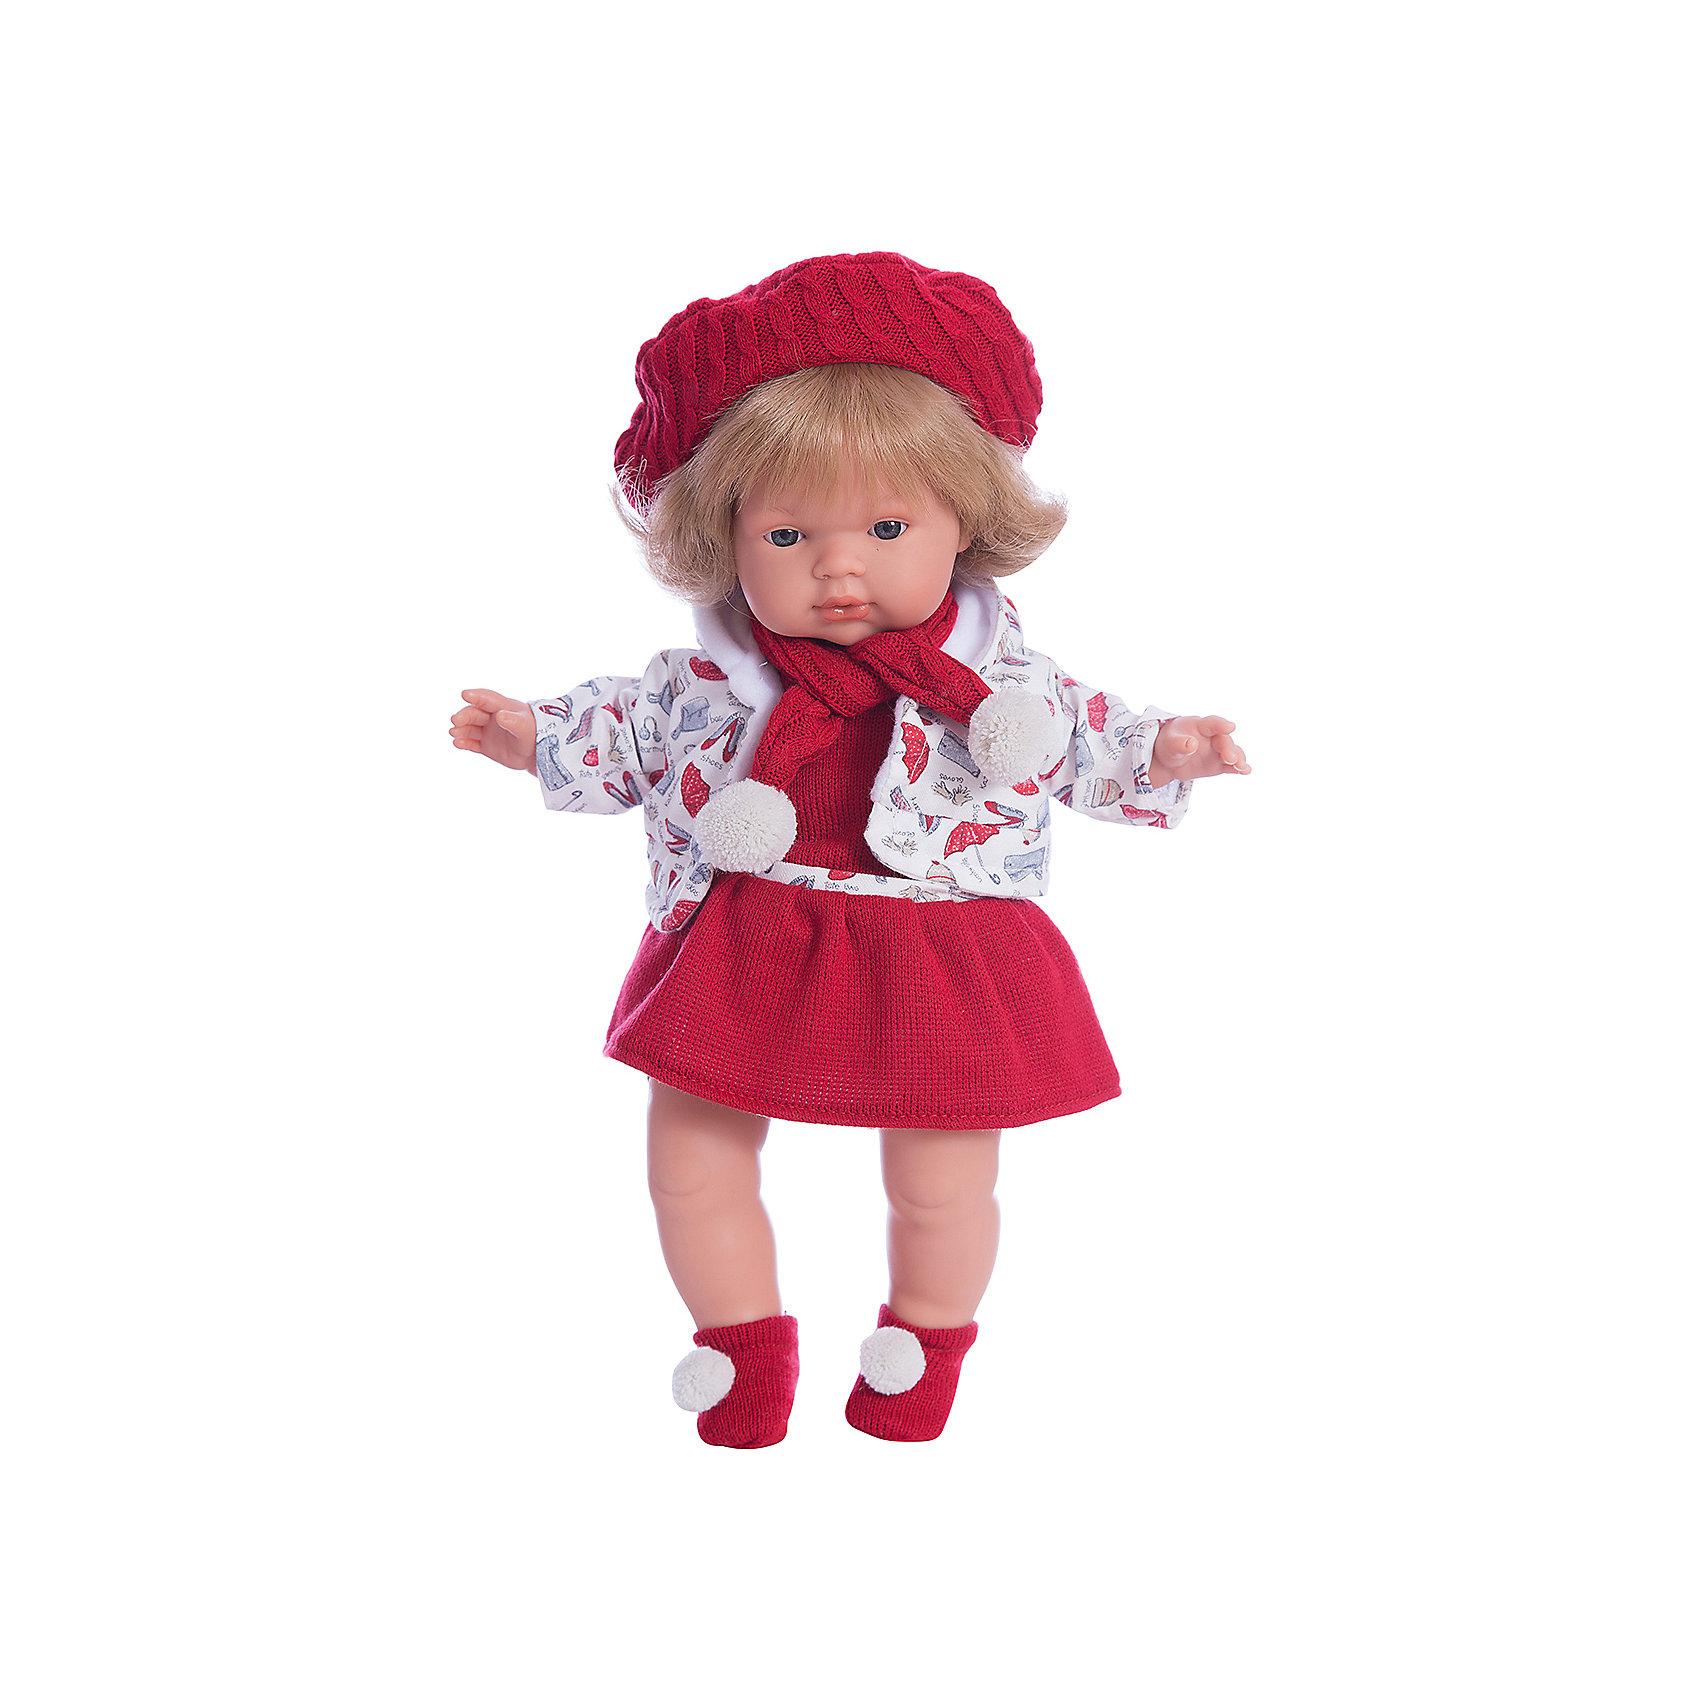 Кукла Клавдия, 38 см, LlorensХарактеристики:<br><br>• Предназначение: для сюжетно-ролевых игр<br>• Тип куклы: мягконабивная<br>• Пол куклы: девочка <br>• Цвет волос: светло-русый<br>• Материал: поливинилхлорид, пластик, нейлон, текстиль<br>• Цвет: красный, белый<br>• Высота куклы: 38 см<br>• Комплектация: кукла, платье, кофточка, носочки, берет, шарф, пустышка с держателем<br>• Звуковые эффекты: плачет, произносит мама и папа<br>• Батарейки: з шт. типа AG13/LR44 (предусмотрены в комплекте)<br>• Вес: 1 кг 050 г<br>• Размеры упаковки (Д*В*Ш): 23*45*12 см<br>• Упаковка: подарочная картонная коробка <br>• Особенности ухода: допускается деликатная стирка без использования красящих и отбеливающих средств предметов одежды куклы<br><br>Кукла Клавдия 38 см – кукла, производителем которого является всемирно известный испанский кукольный бренд Llorens. Куклы этой торговой марки имеют свою неповторимую внешность и целую линейку образов как пупсов, так и кукол-малышей. Игрушки выполнены из сочетания поливинилхлорида и пластика, что позволяет с высокой долей достоверности воссоздать физиологические и мимические особенности маленьких детей. При изготовлении кукол Llorens используются только сертифицированные материалы, безопасные и не вызывающие аллергических реакций. Волосы у кукол отличаются густотой, шелковистостью и блеском, при расчесывании они не выпадают и не ломаются.<br>Кукла Клавдия 38 см выполнена в образе малышки: голубые глаза и волосы средней длины делают образ куклы необычайно очаровательным. В комплект одежды Клавдии входит теплое яркое платьице, теплая кофточка с капюшоном, носочки с помпончиками. Стильный образ Клавдии дополняет объемный вязаный берет и шарф. Кукла умеет плакать, а также говорить мама и папа. Чтобы малышка не плакала, у нее имеется соска с цепочкой-держателем. <br>Кукла Клавдия 38 см – это идеальный вариант для подарка к различным праздникам и торжествам.<br><br>Куклу Клавдию 38 см можно купить в нашем интернет-магазине.<br><br>Ширина мм: 23<br>Г